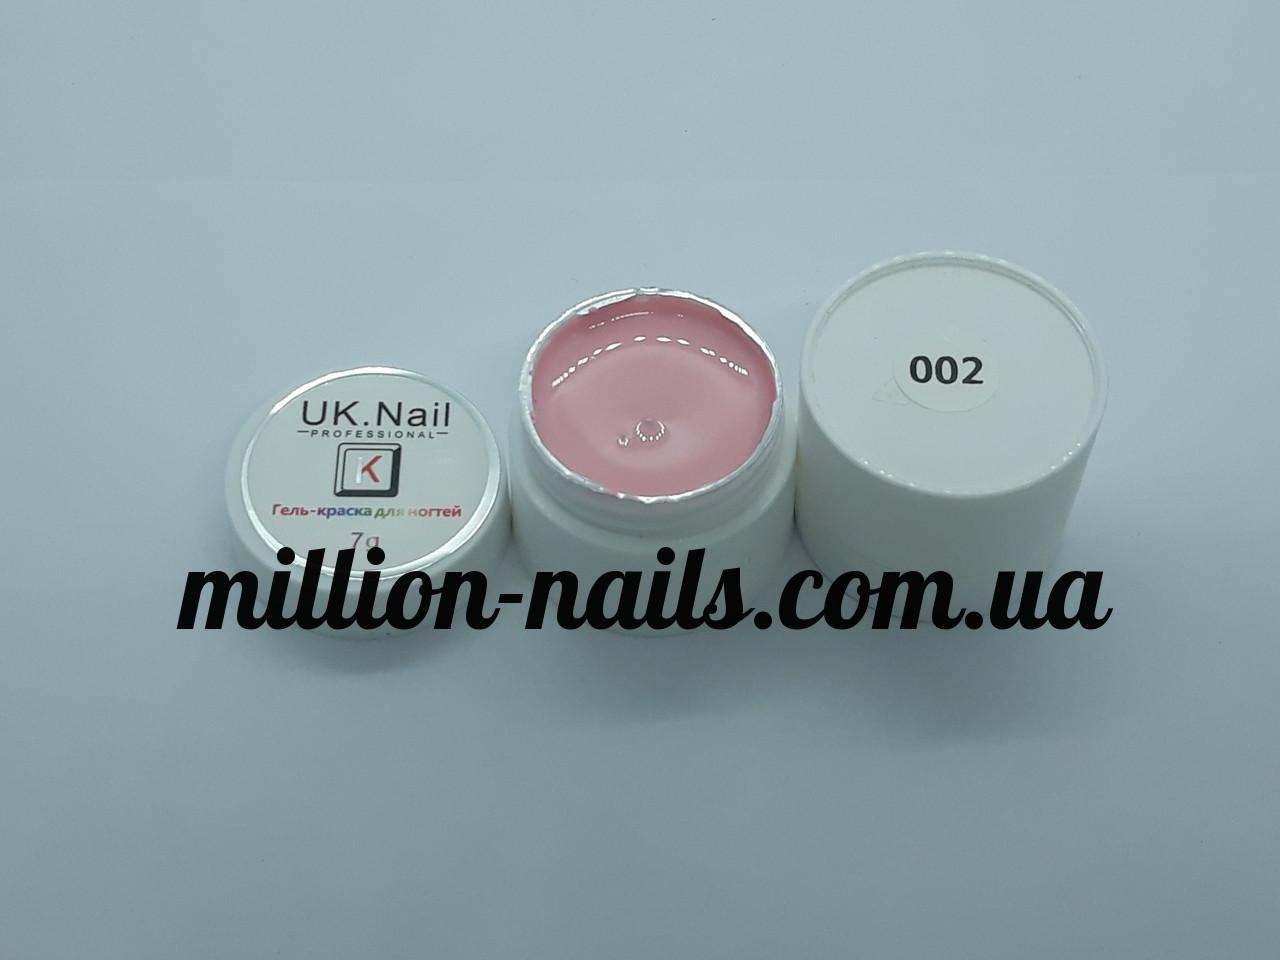 Гель-фарба для нігтів UK.Nail №02 пудра, 7 грам